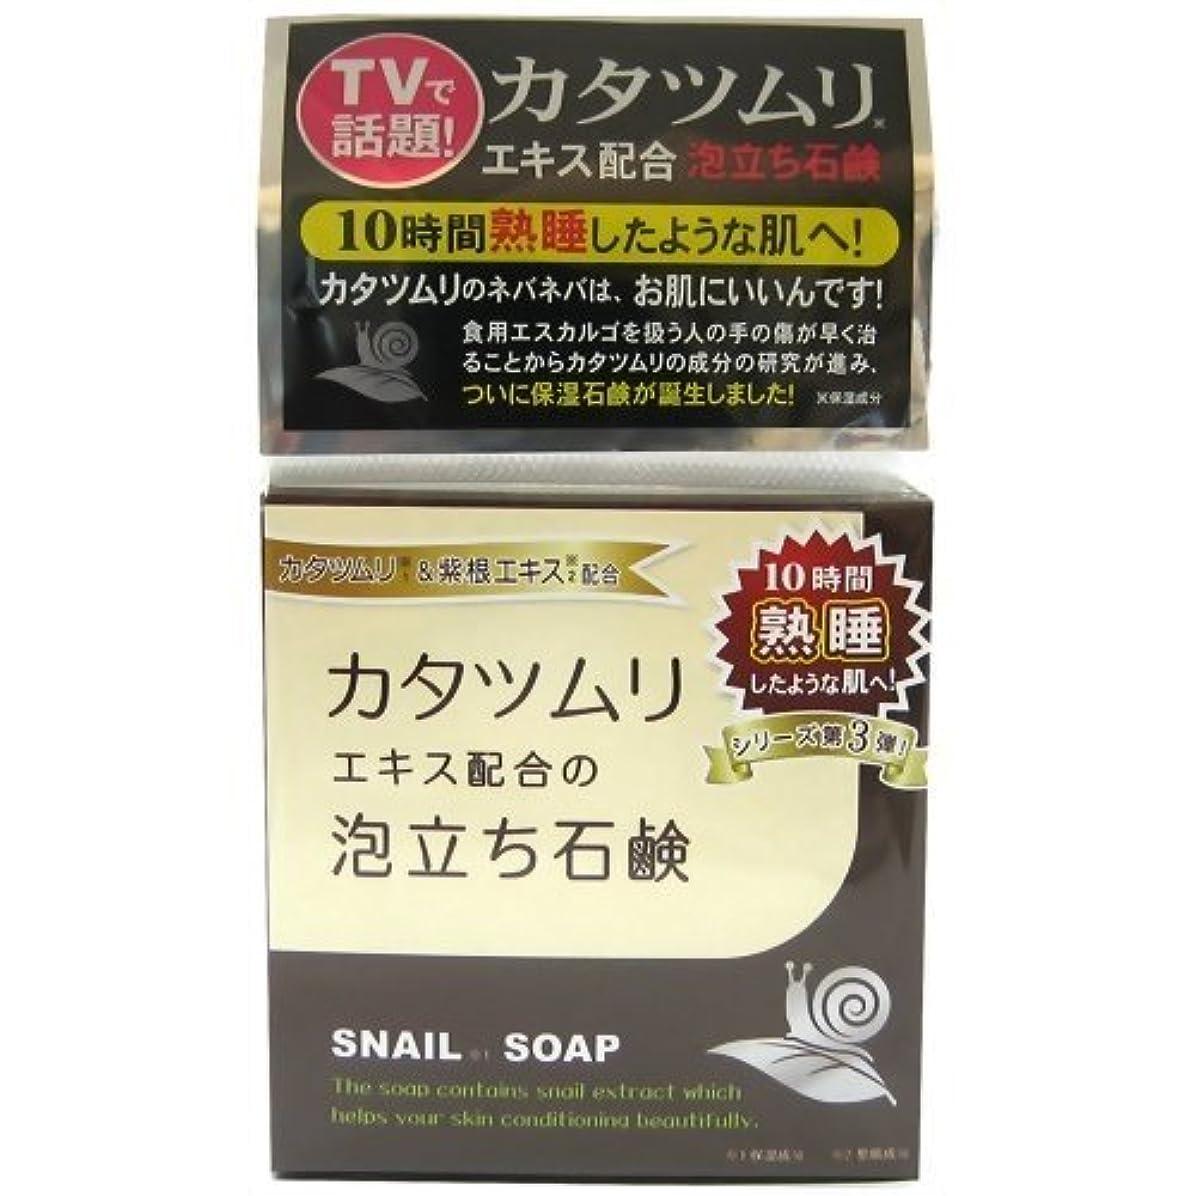 ベーリング海峡広告する磁石カタツムリ石鹸 100g